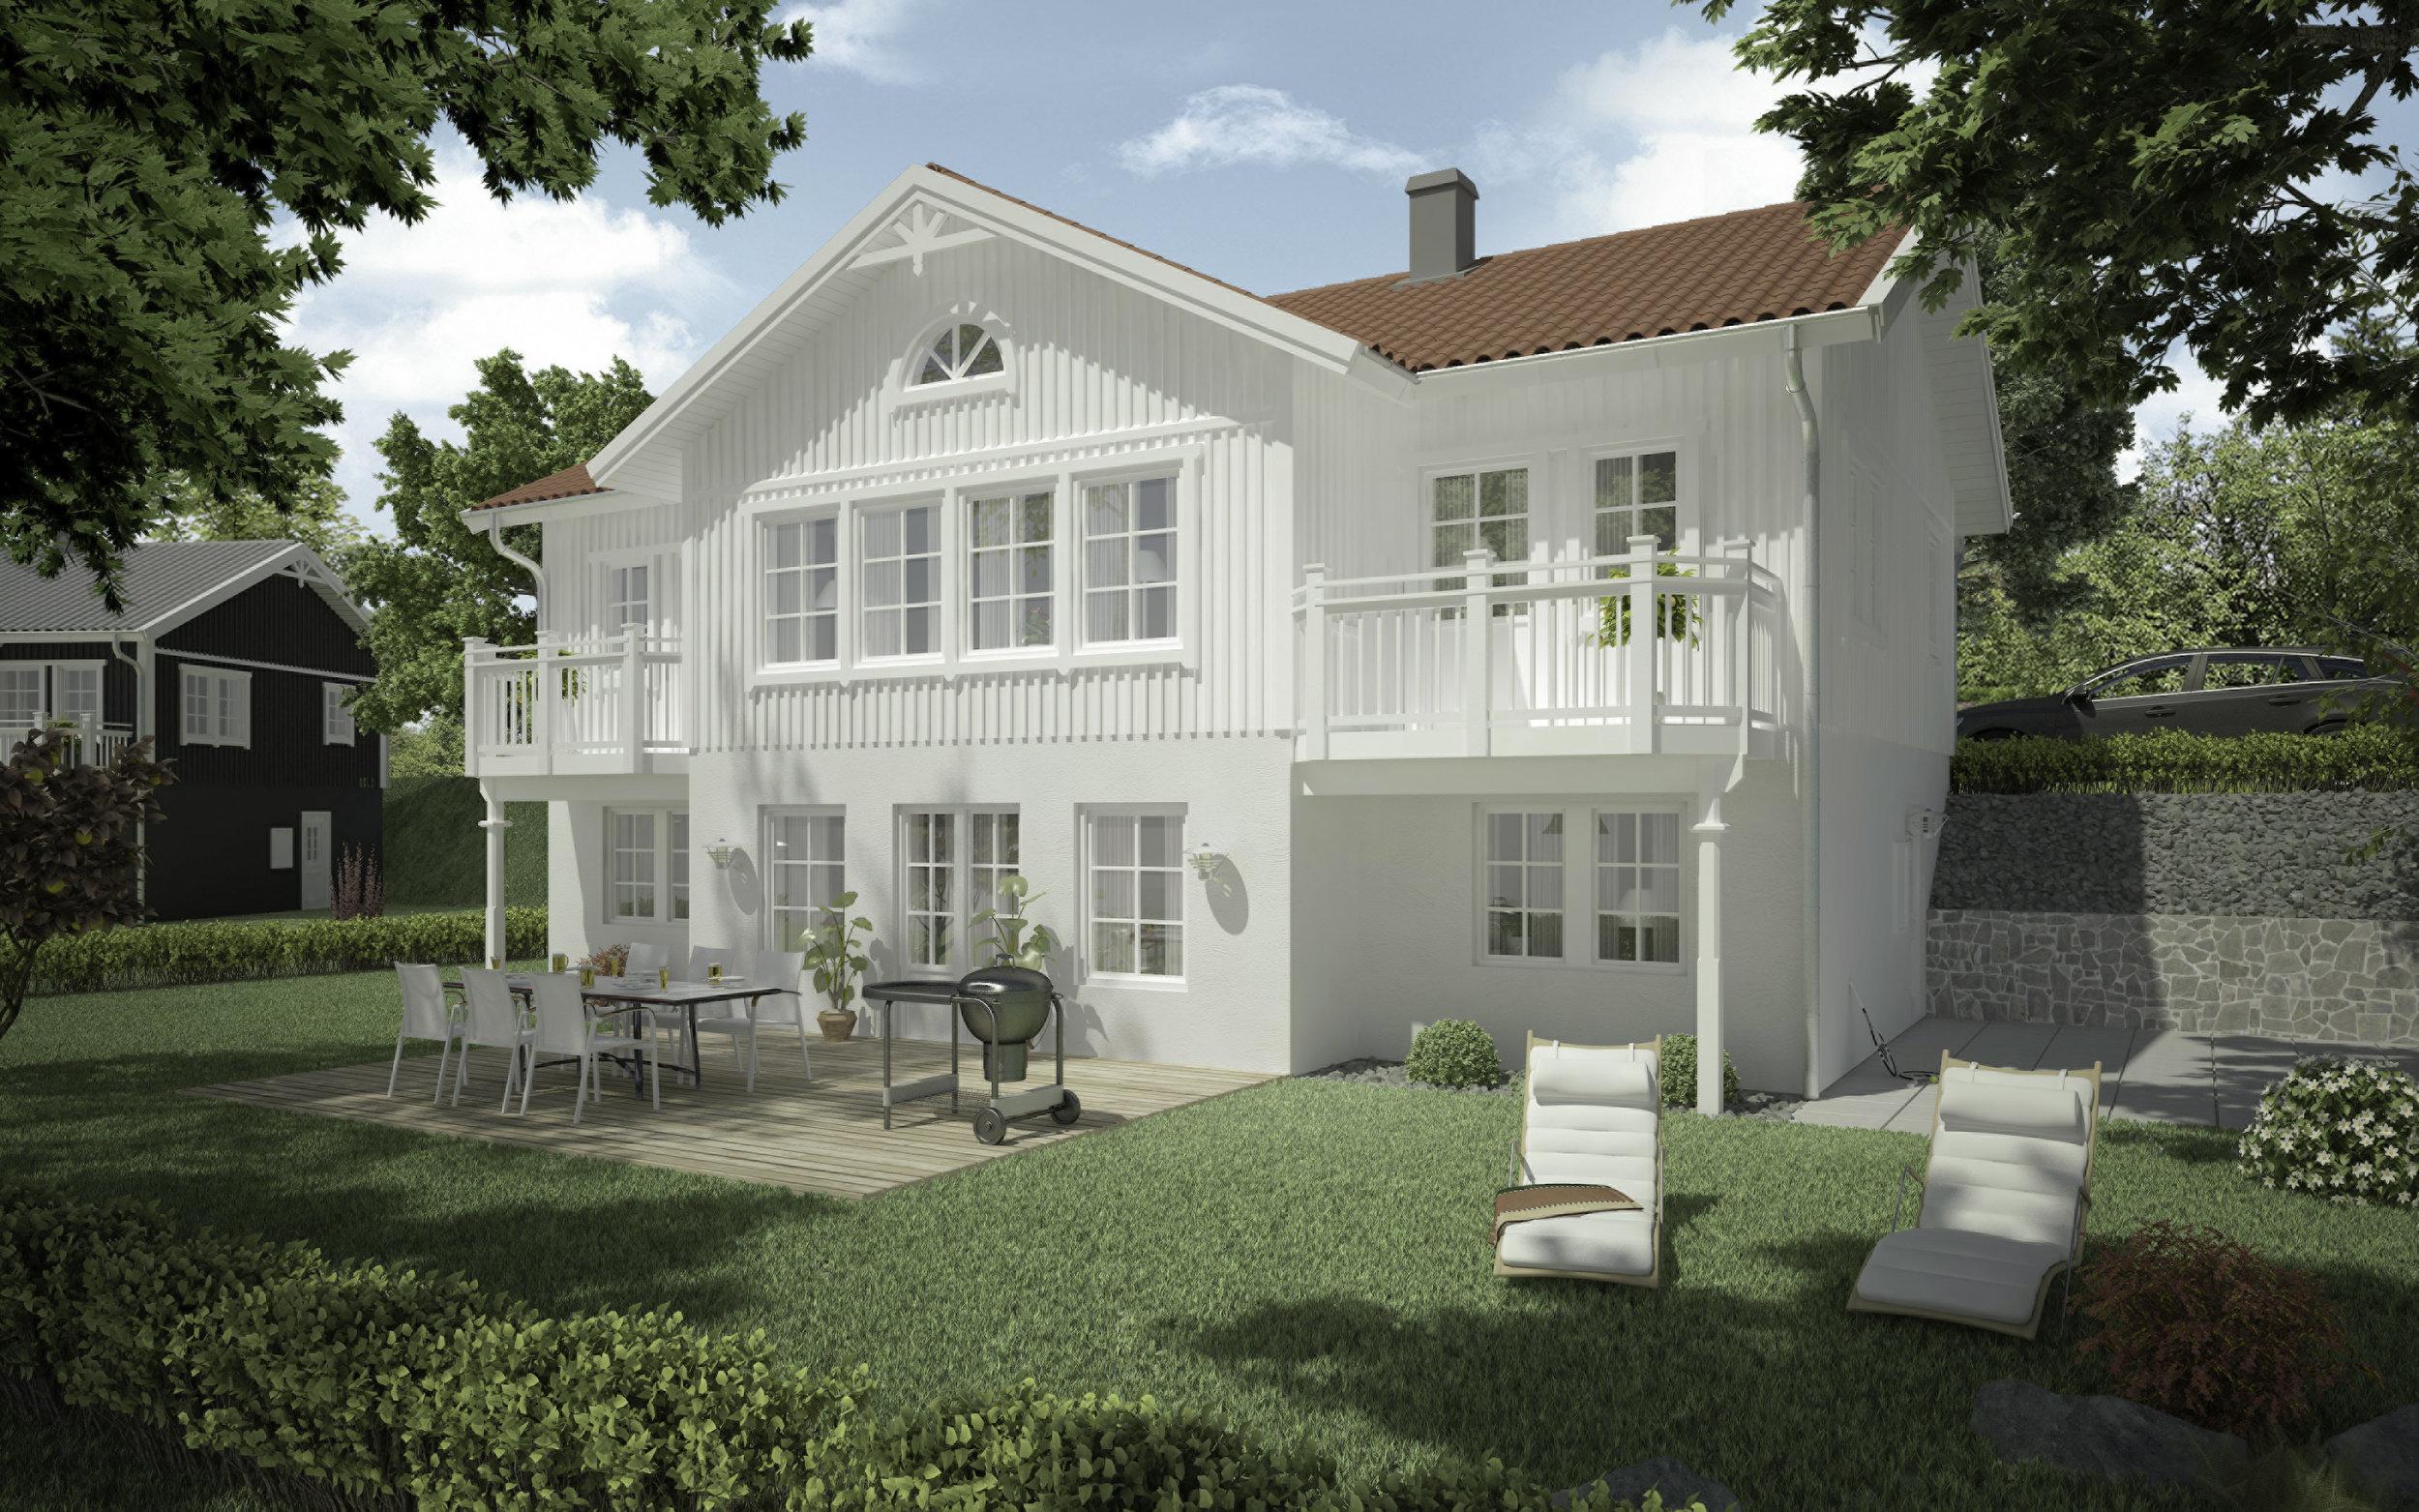 VILLA FURULIDEN  Suterränghus Boyta: 192,8 m2 4 sovrum